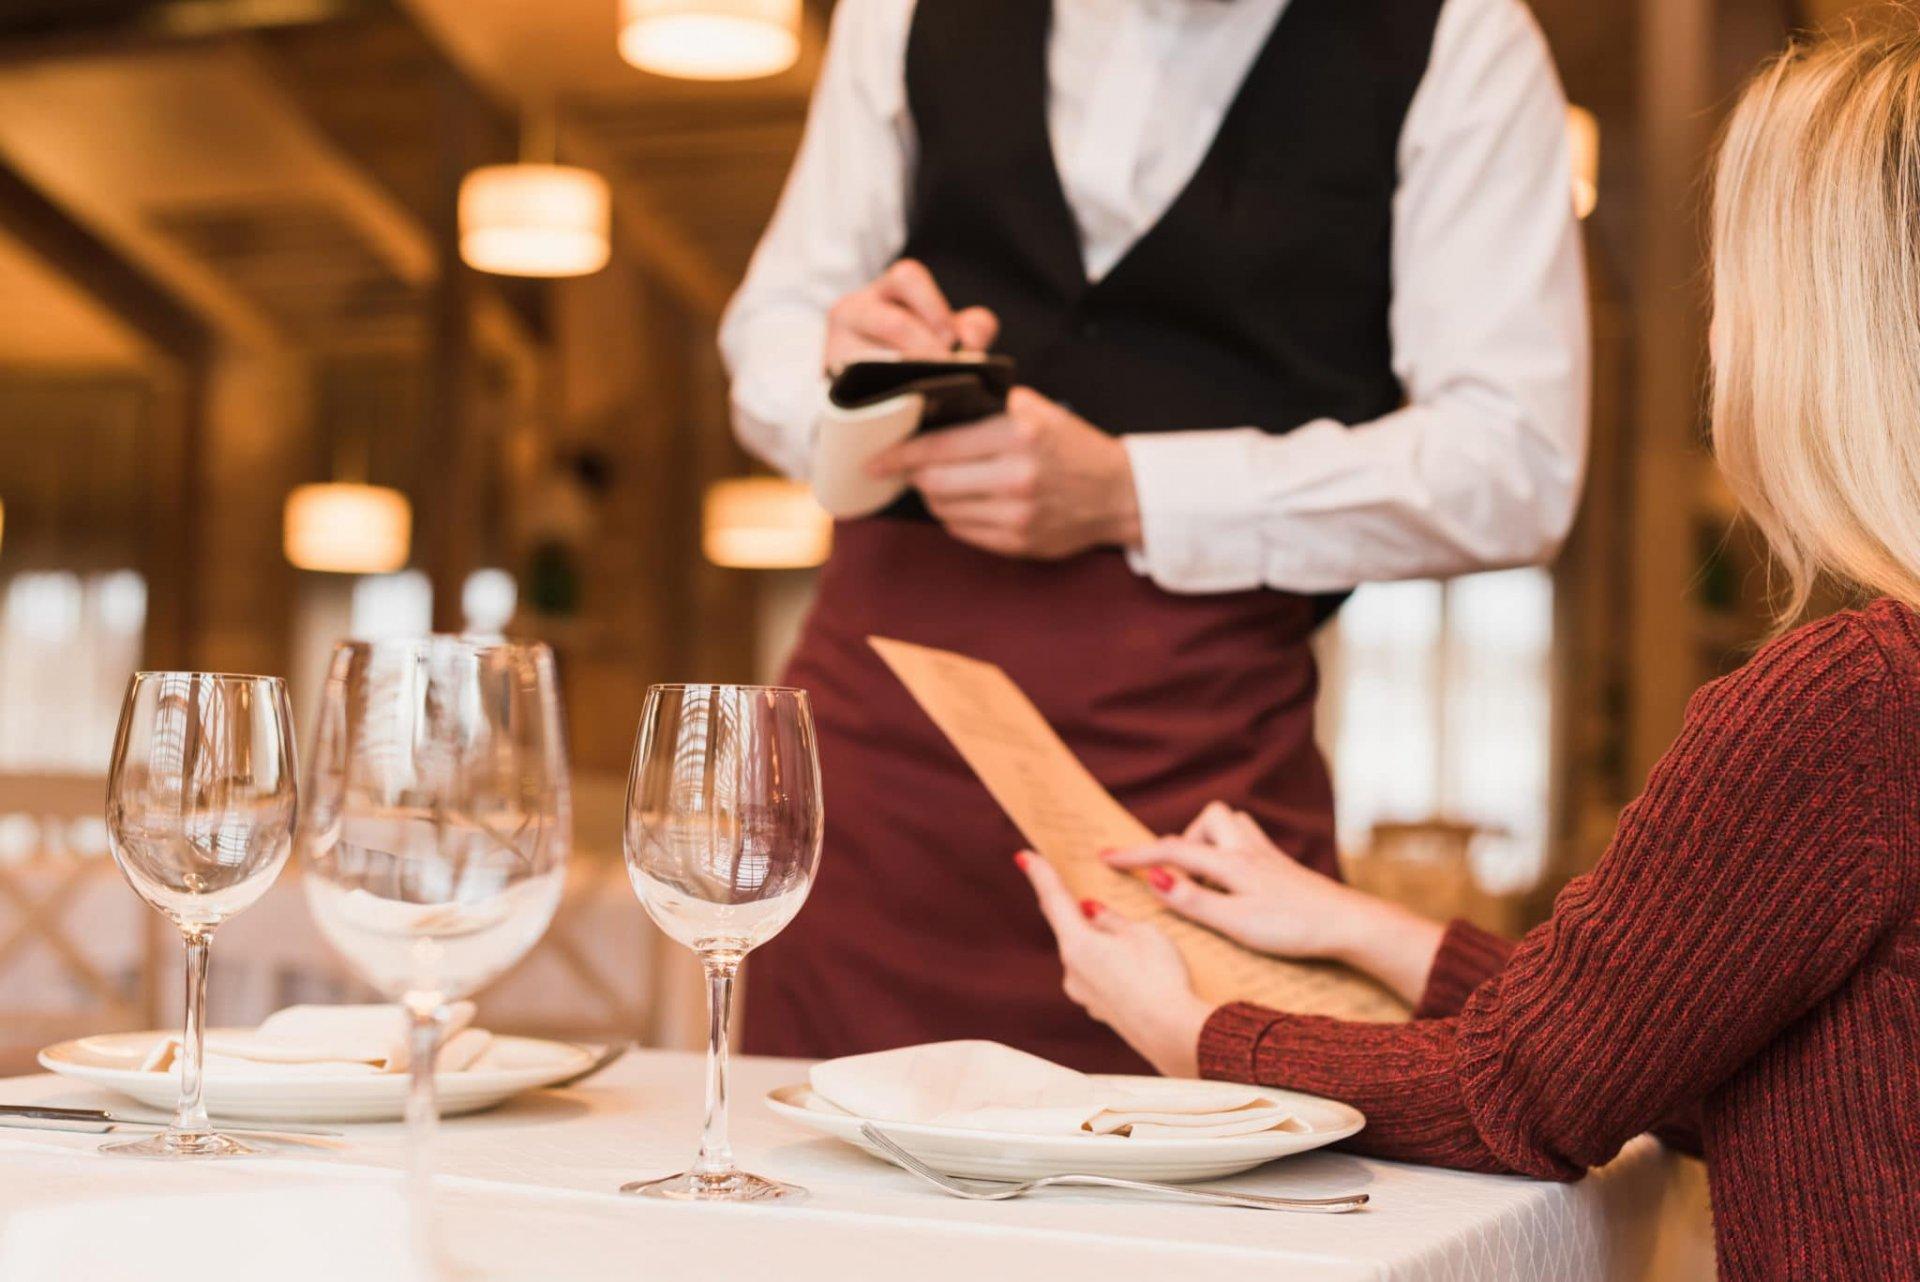 діалог про їжу на англійській мові з перекладом, діалог на англійській мові в ресторані